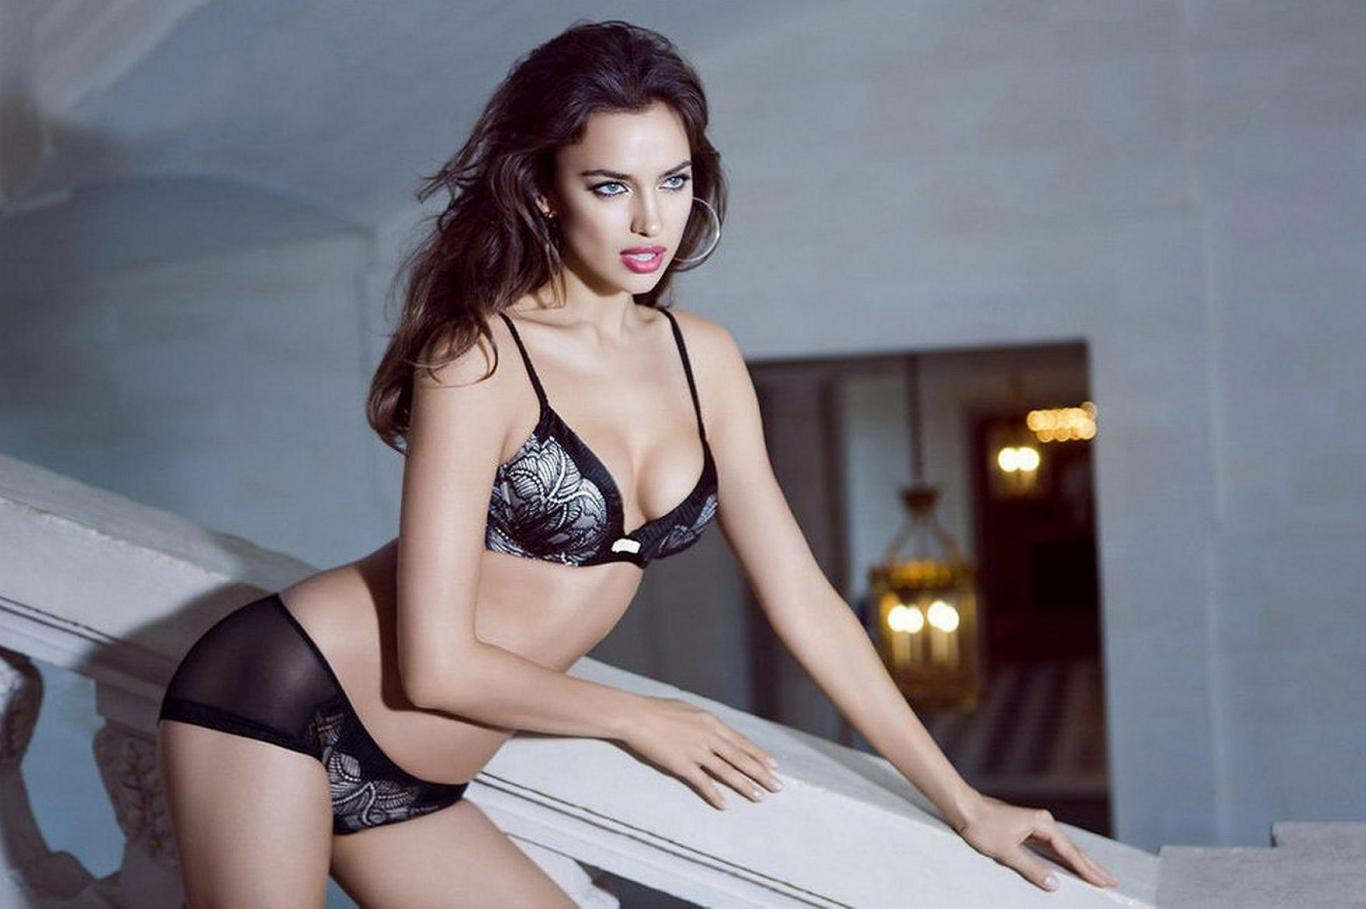 Irina Shayk Hot #1